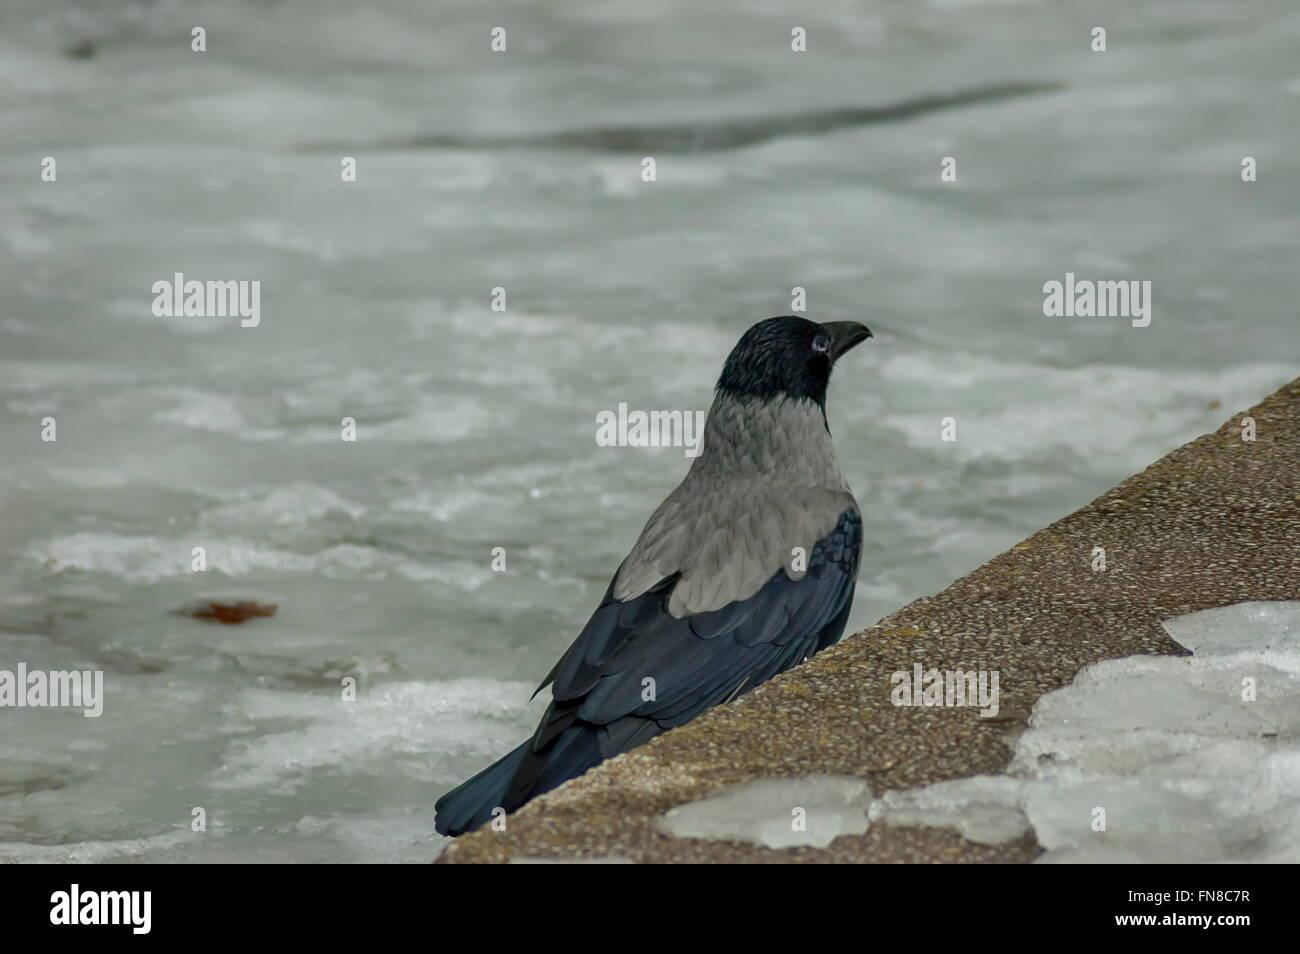 Crow ruhen auf dem zugefrorenen Teich im Winter, Sofia, Bulgarien Stockbild